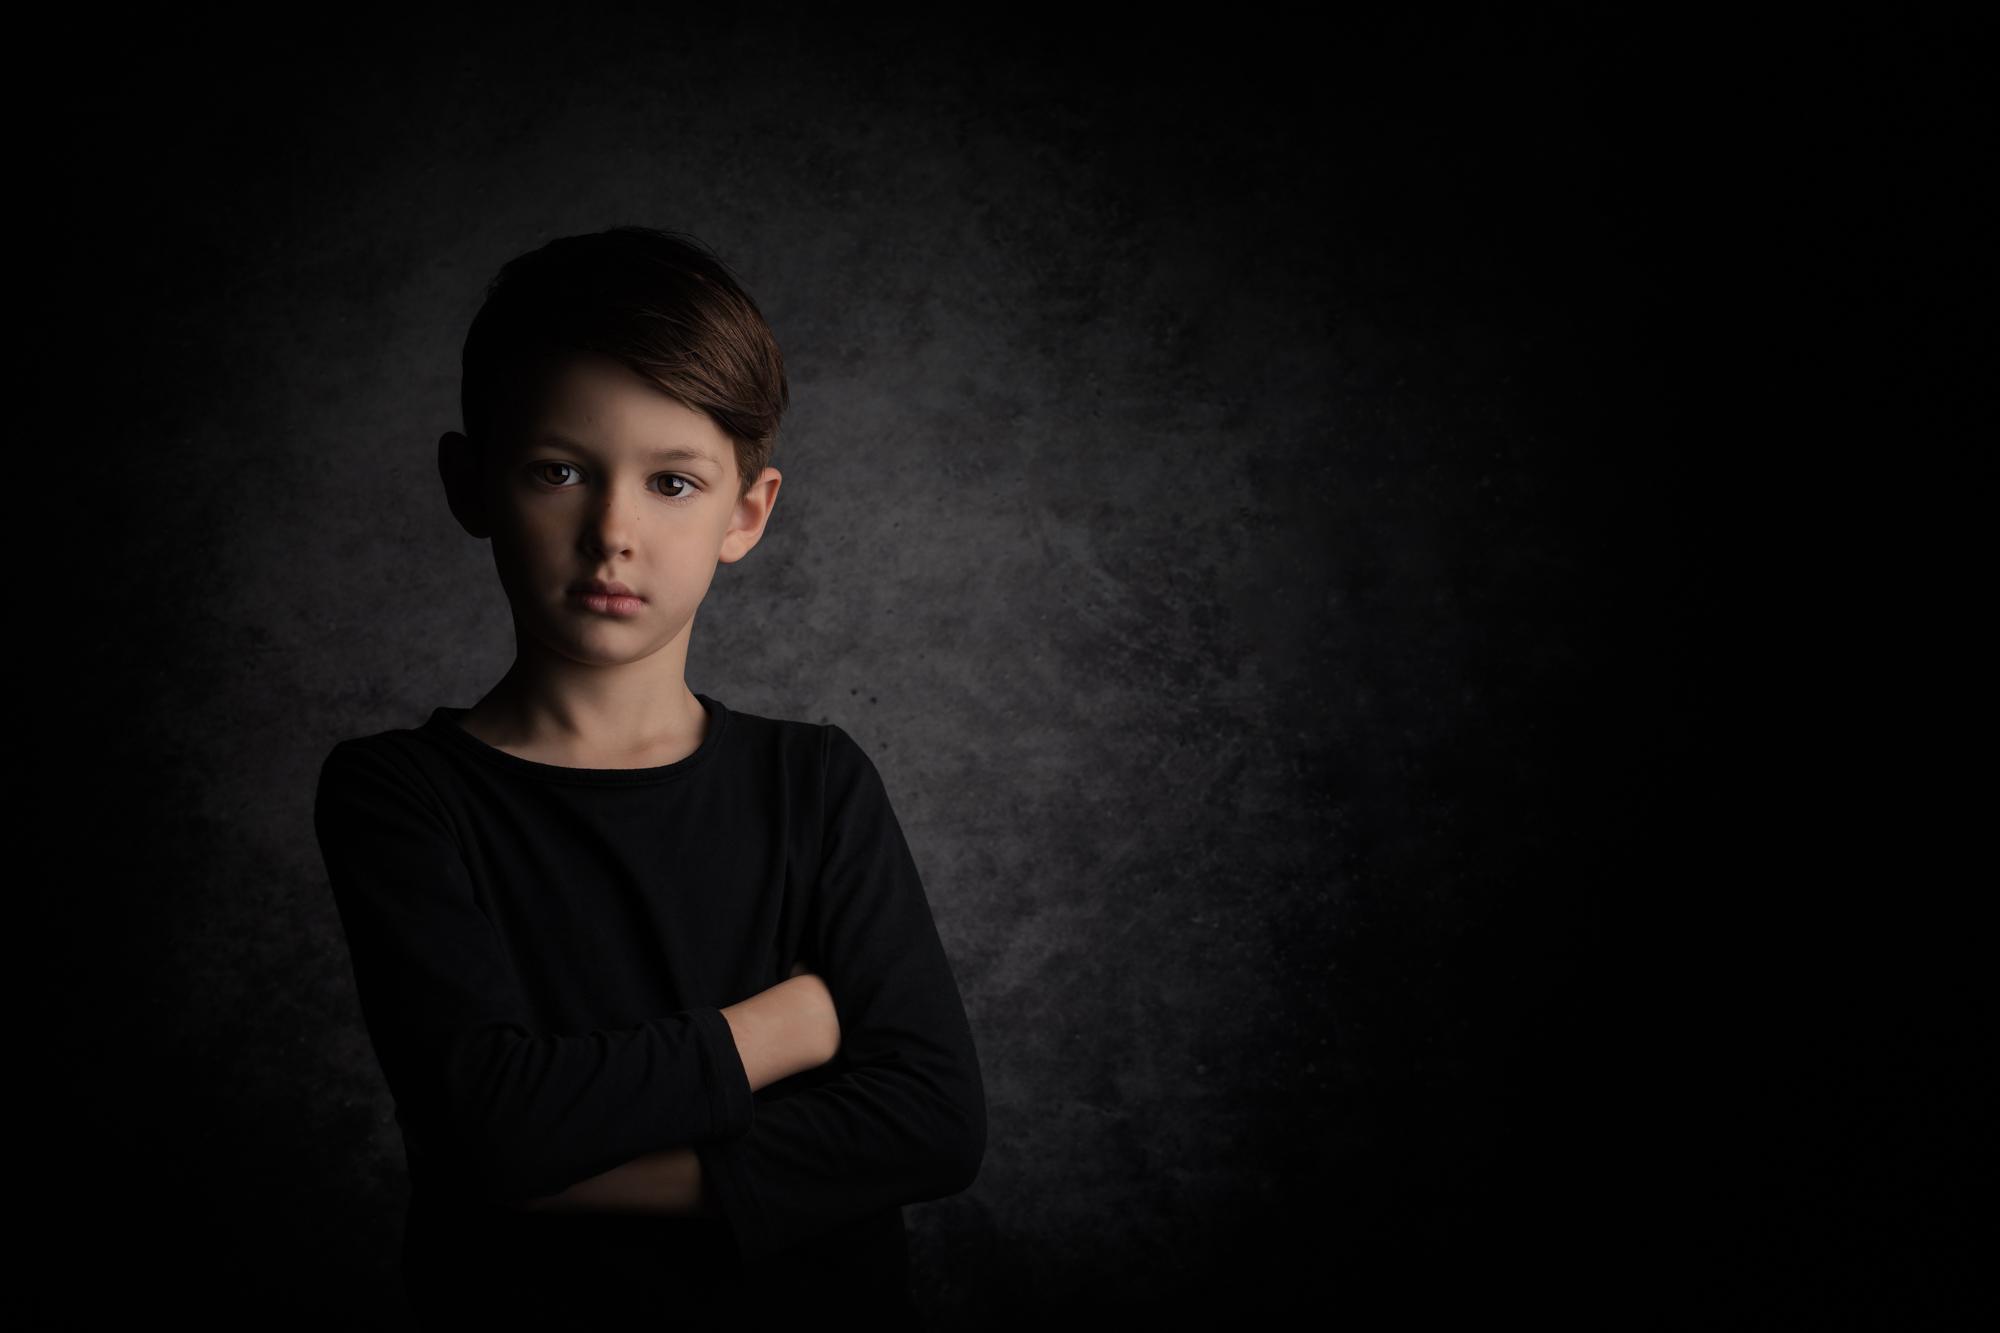 fine art portret fotograaf fineart photography portrait fotografie Lelystad